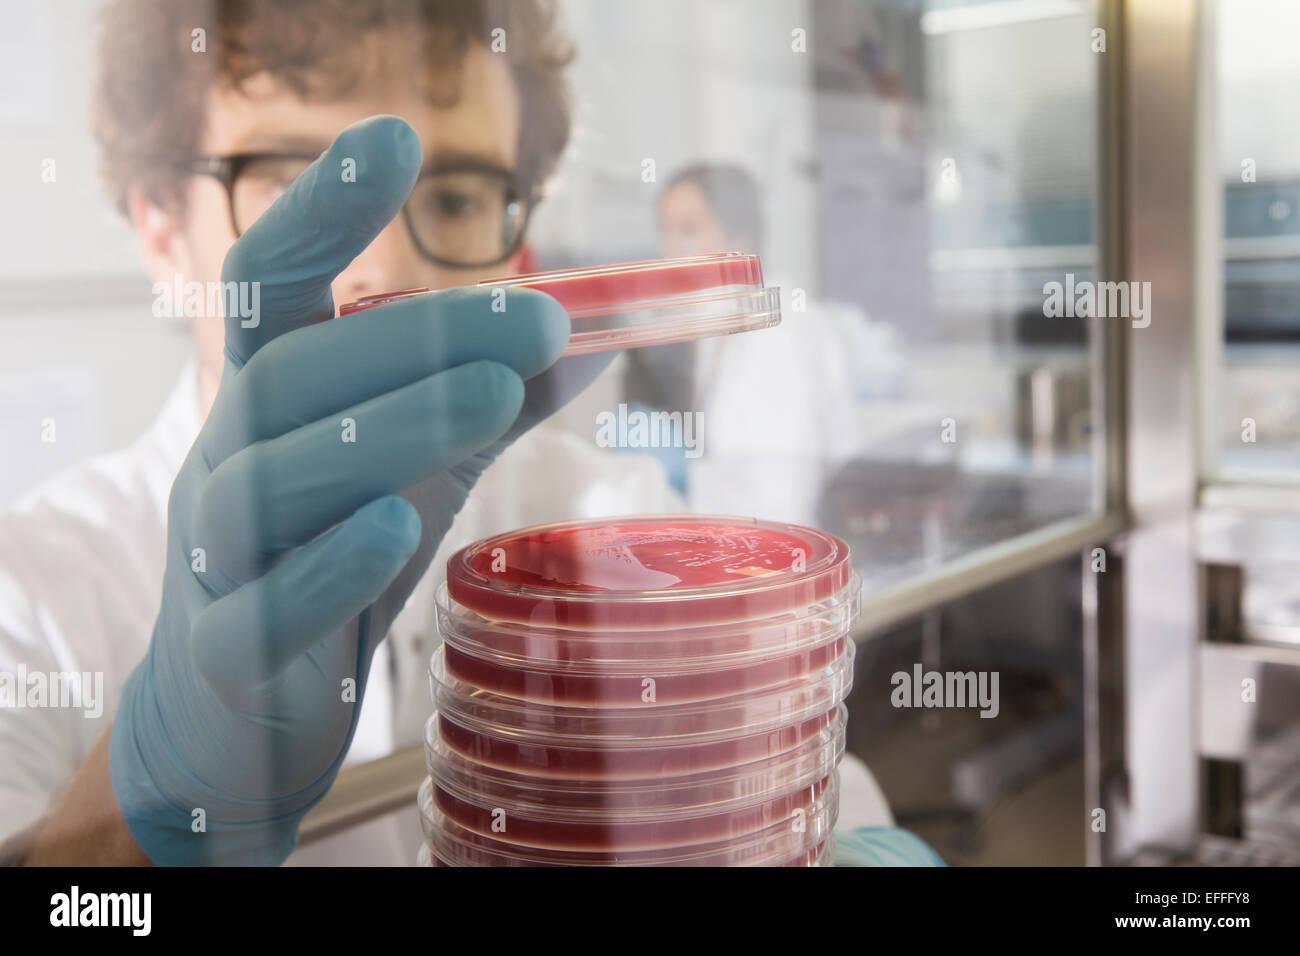 Científico que trabaja con culturas de bacterias en el laboratorio Imagen De Stock